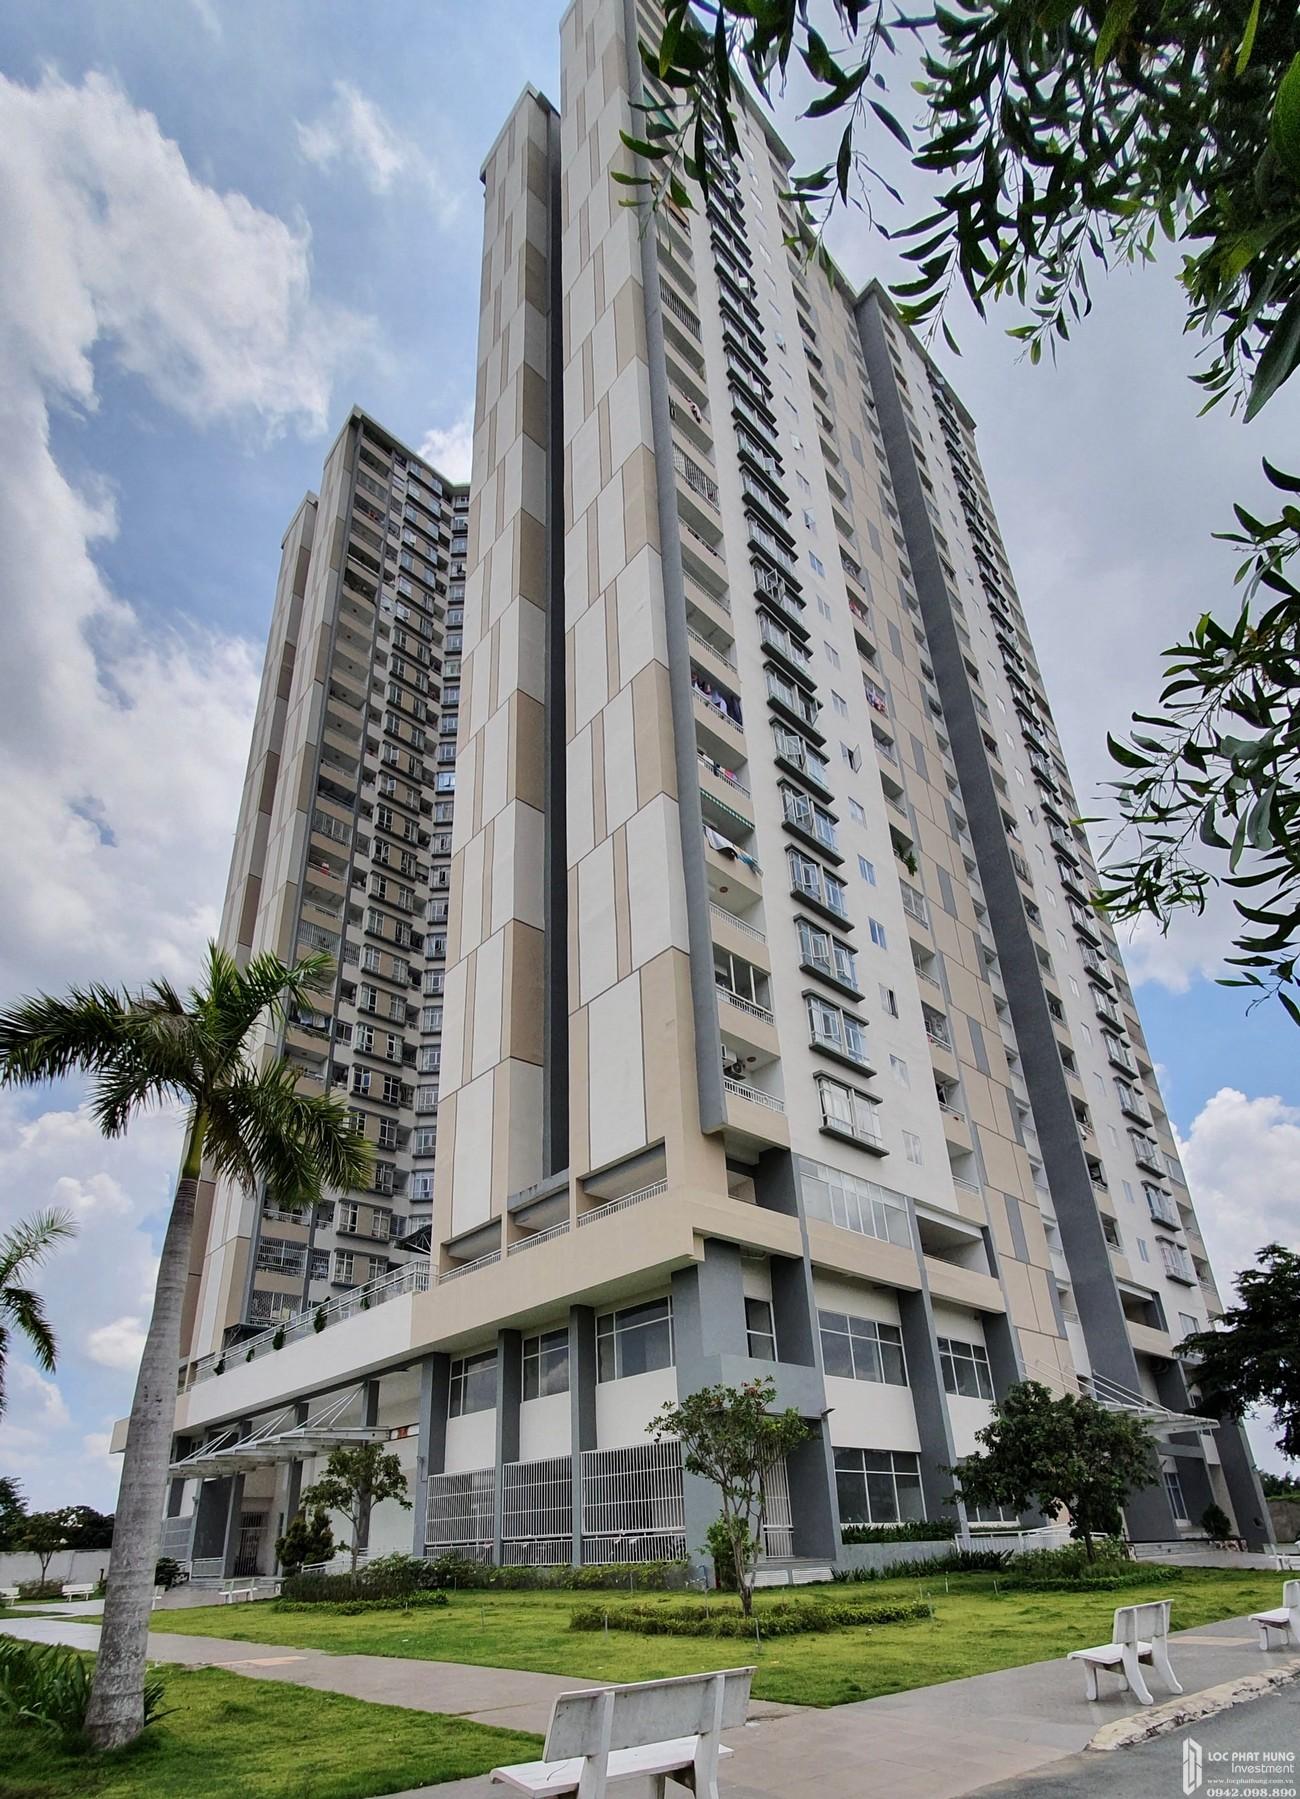 Tiến độ dự án căn hộ chung cư Southern Park Bình Chánh chủ đầu tư Quốc Cường Gia Lai - cập nhật tháng 08/2020